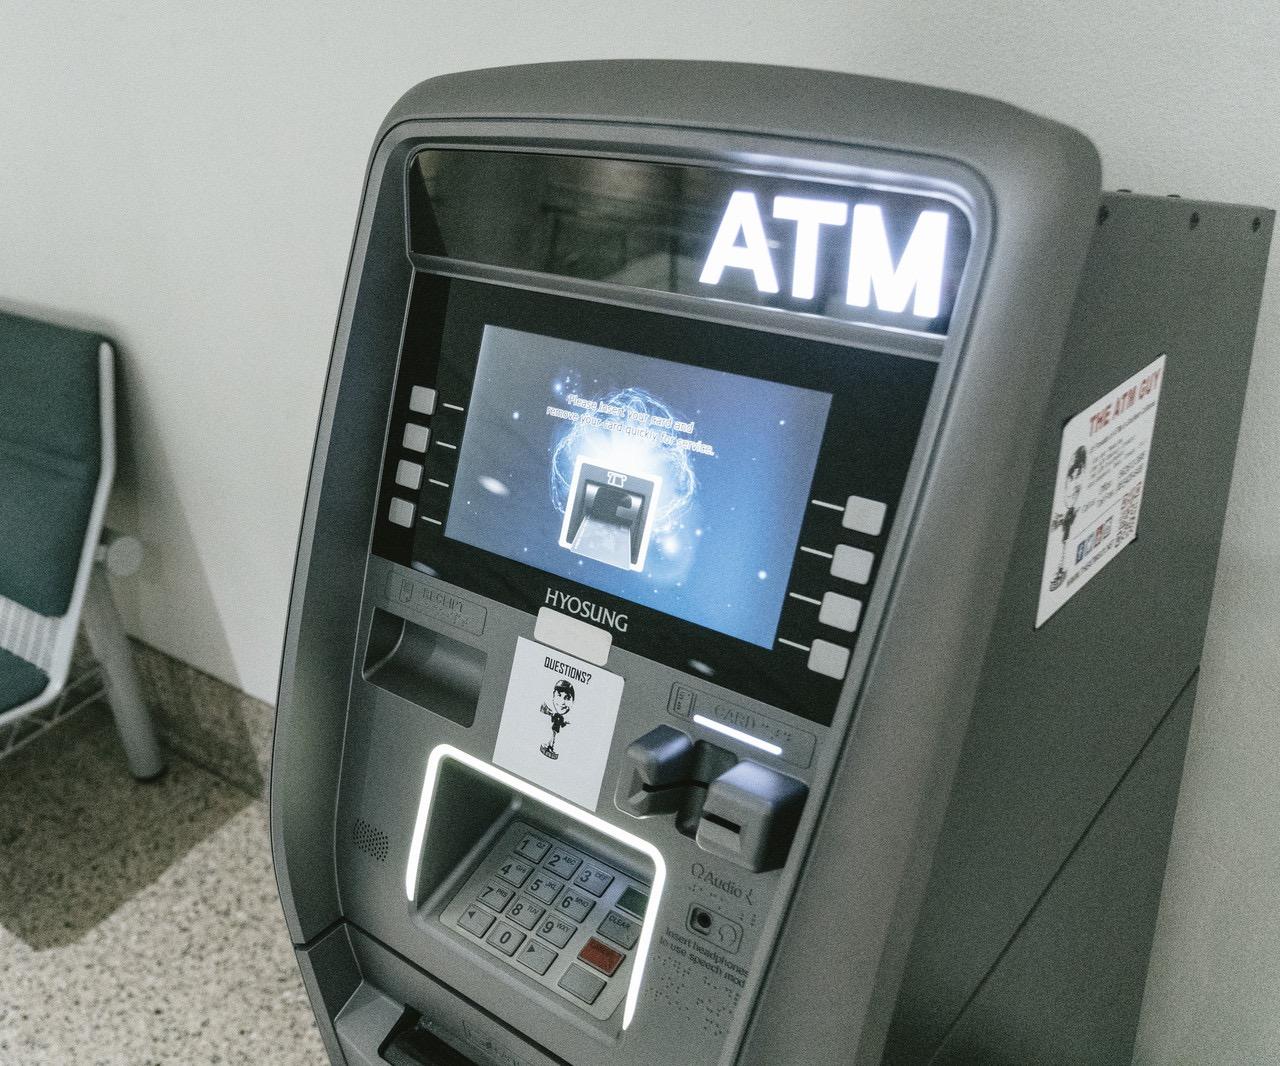 仮想通貨もあるのにお金が減る銀行に預けるメリットって何なん?